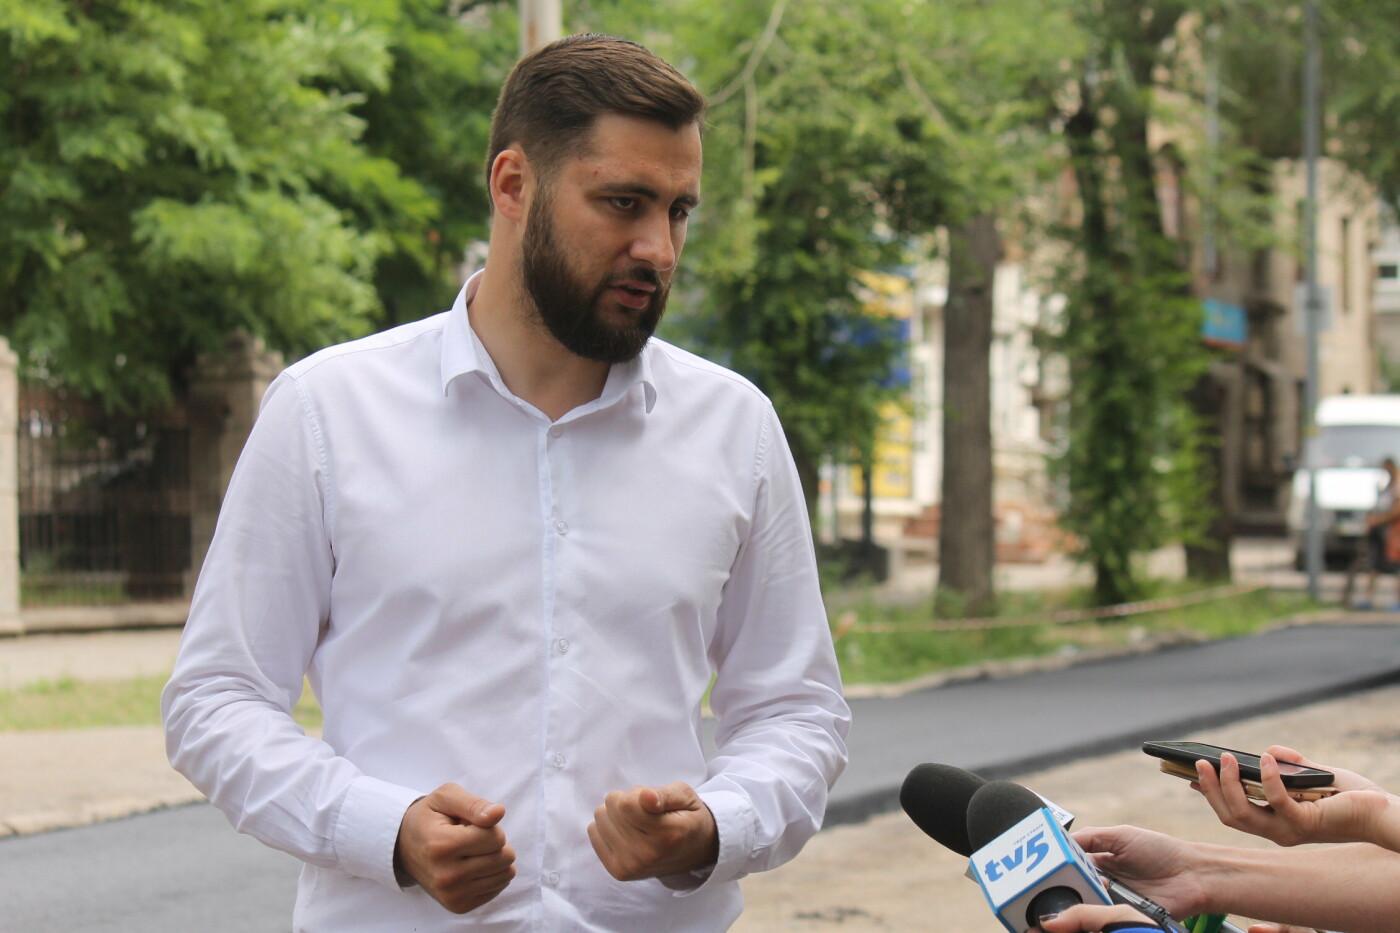 Команда Владимира Буряка продолжает масштабный ремонт дорог в Запорожье, фото-3